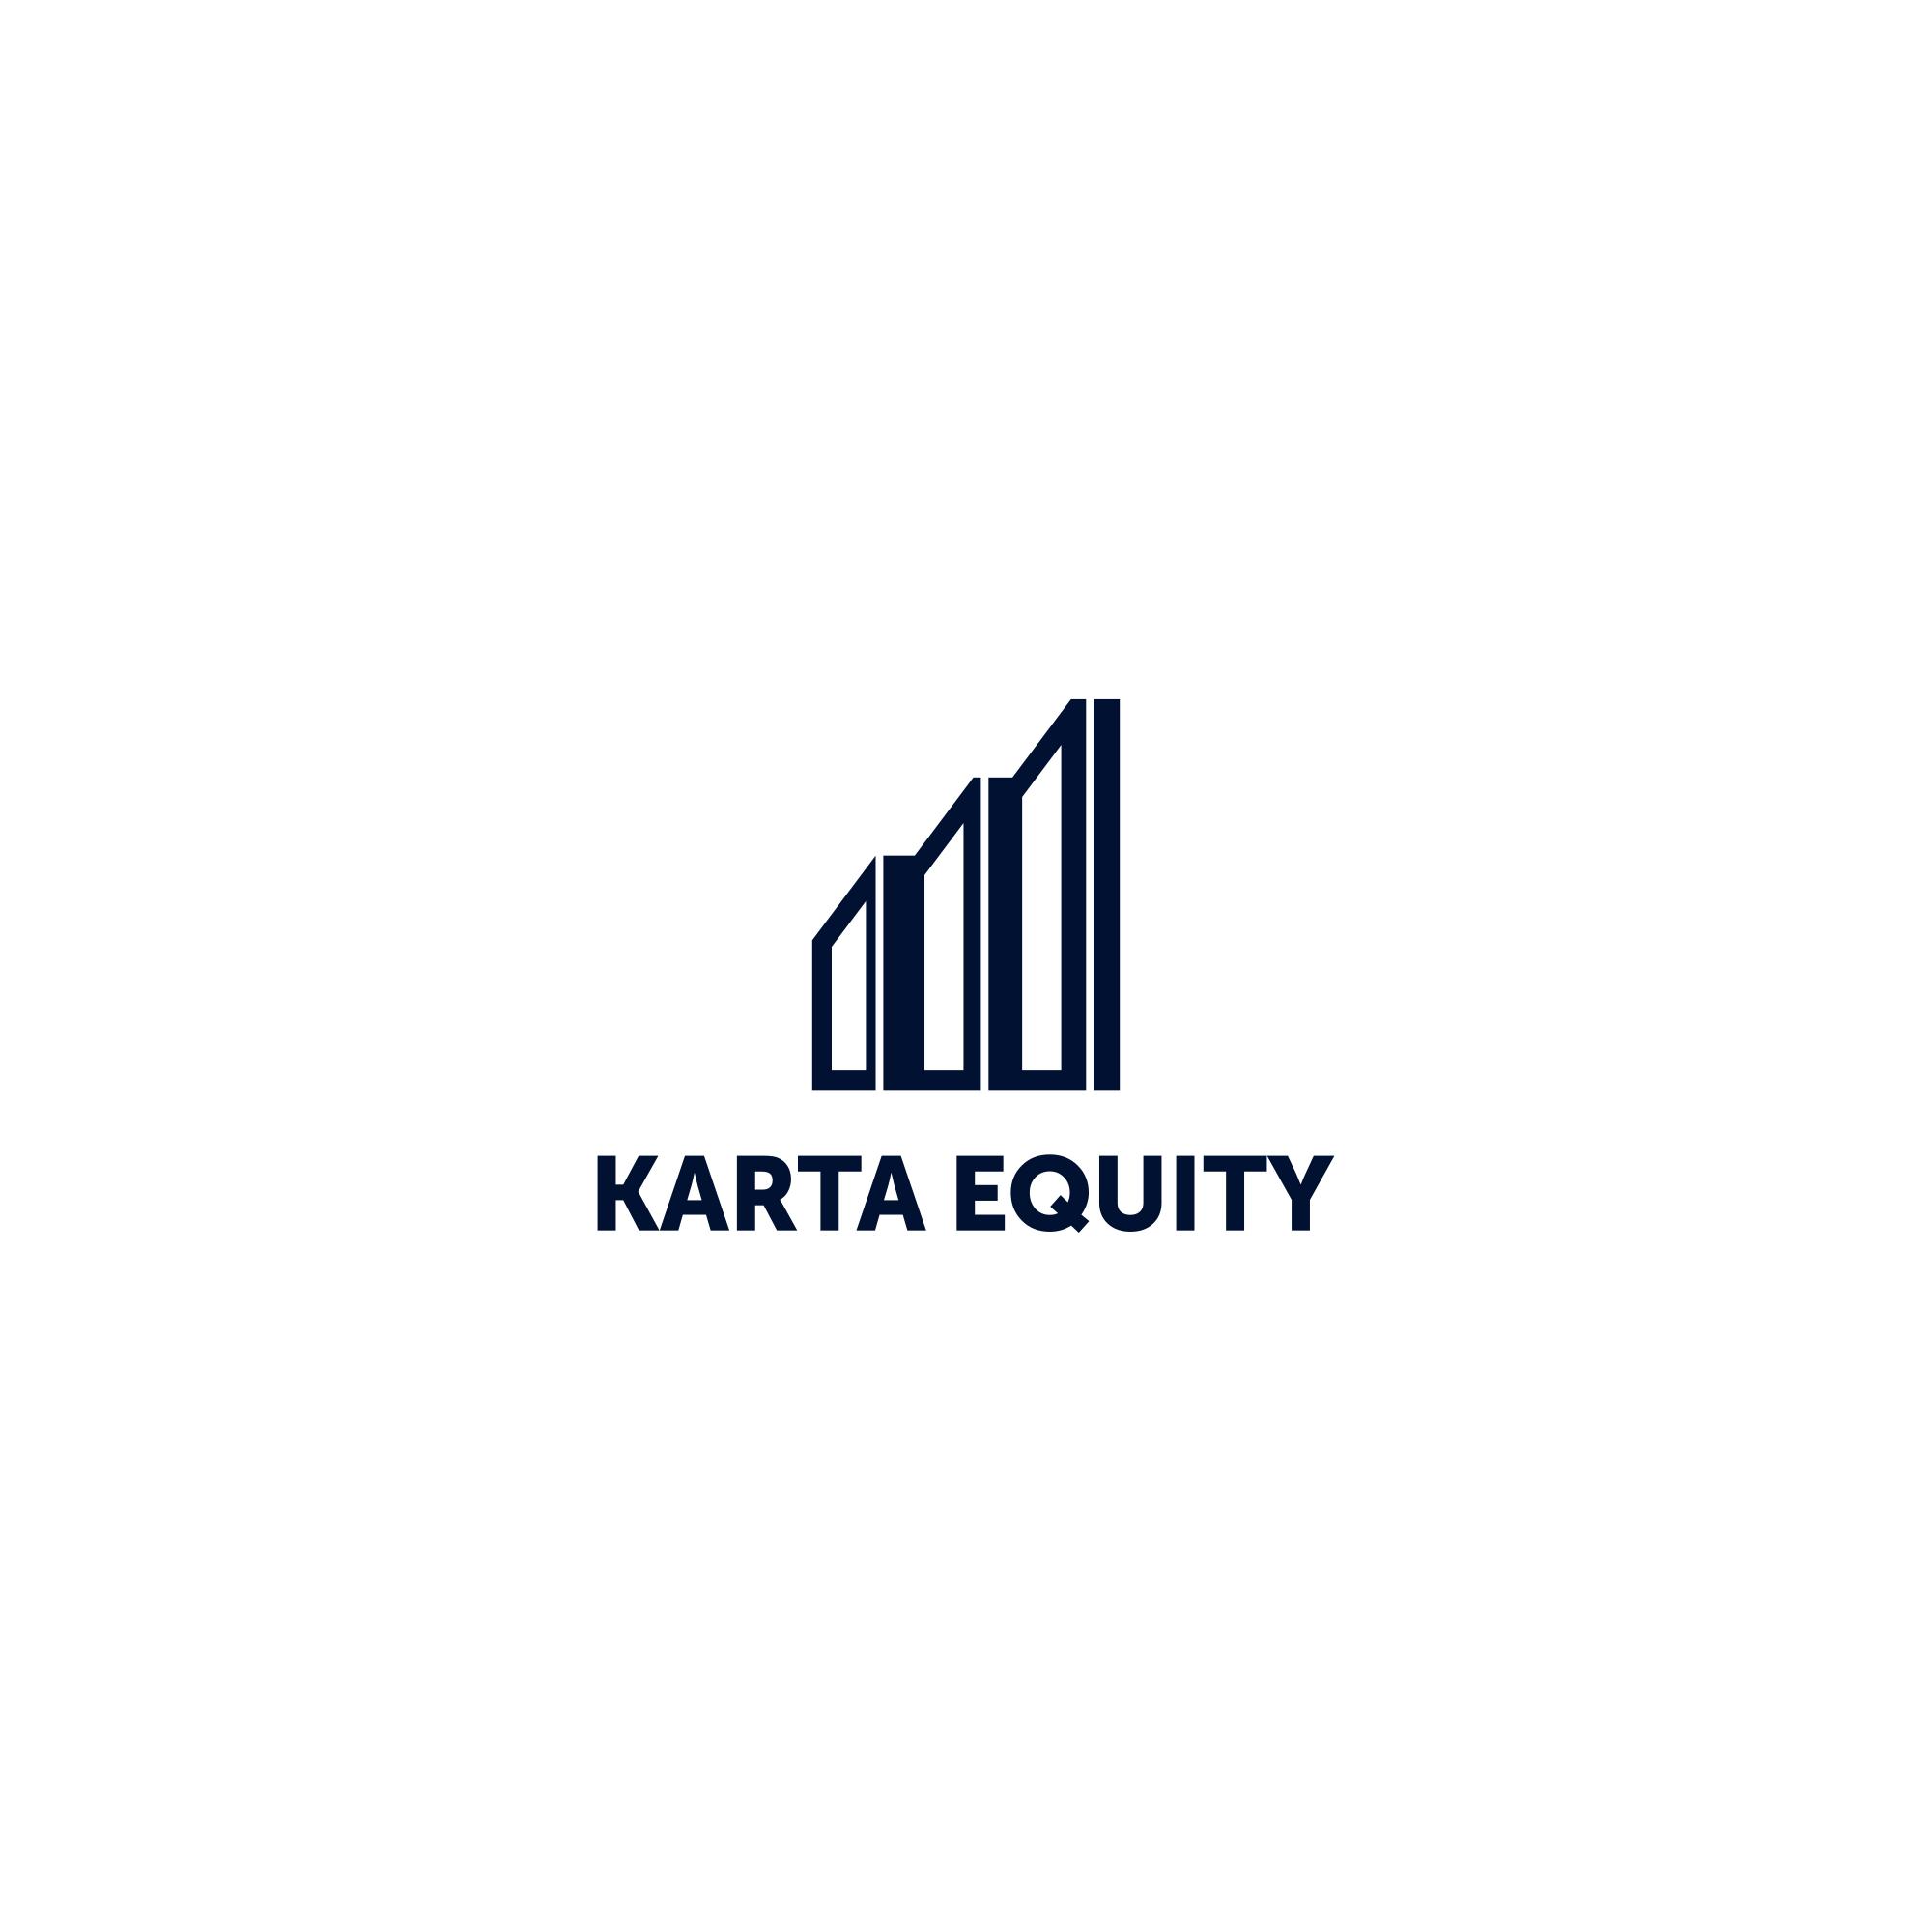 Логотип для компании инвестироваюшей в жилую недвижимость фото f_6295e1238c94fec4.png